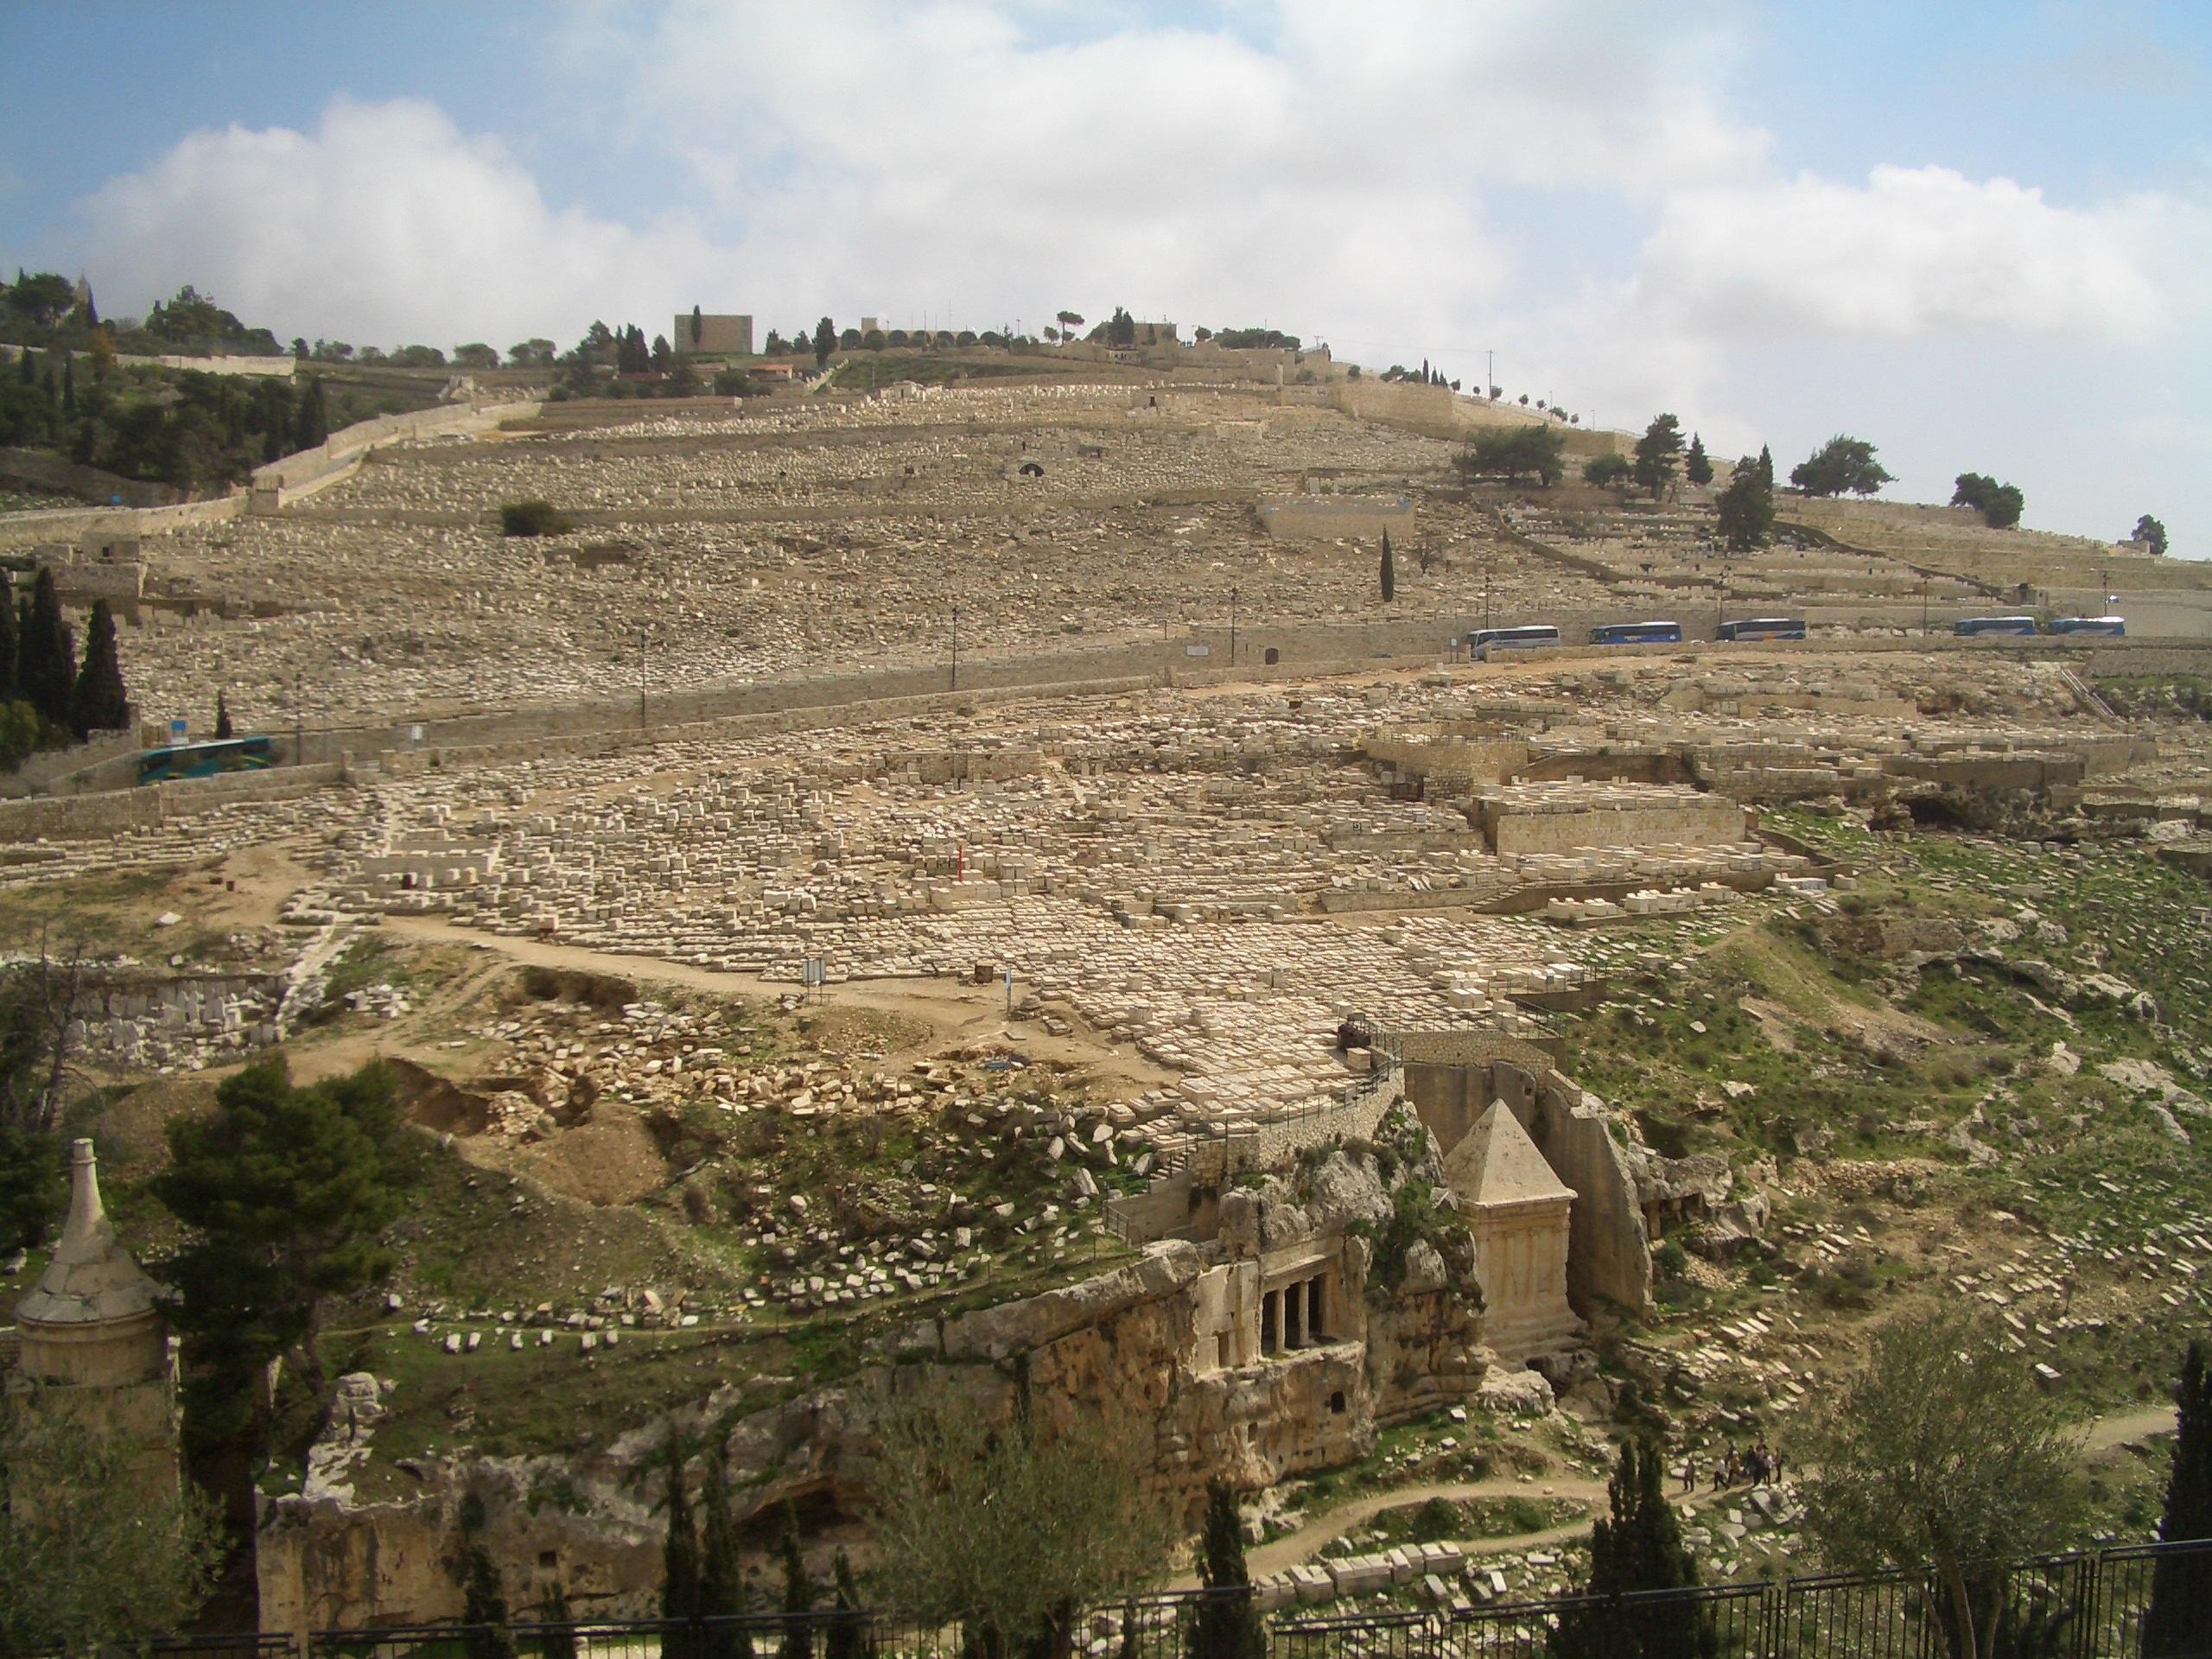 上图:从耶路撒冷城向东看橄榄山犹太公墓,山坡上有超过15万个坟墓。下面的汲沦溪中也有古代的汲沦谷墓地(Kidron Valley necropolis)。汲沦溪历来就是倾倒不洁之物的地方(代下十五16;二十九16;三十14),现在这里两边都有犹太人和穆斯林的墓地。里面埋着多少恶人、多少义人,只有神才知道。